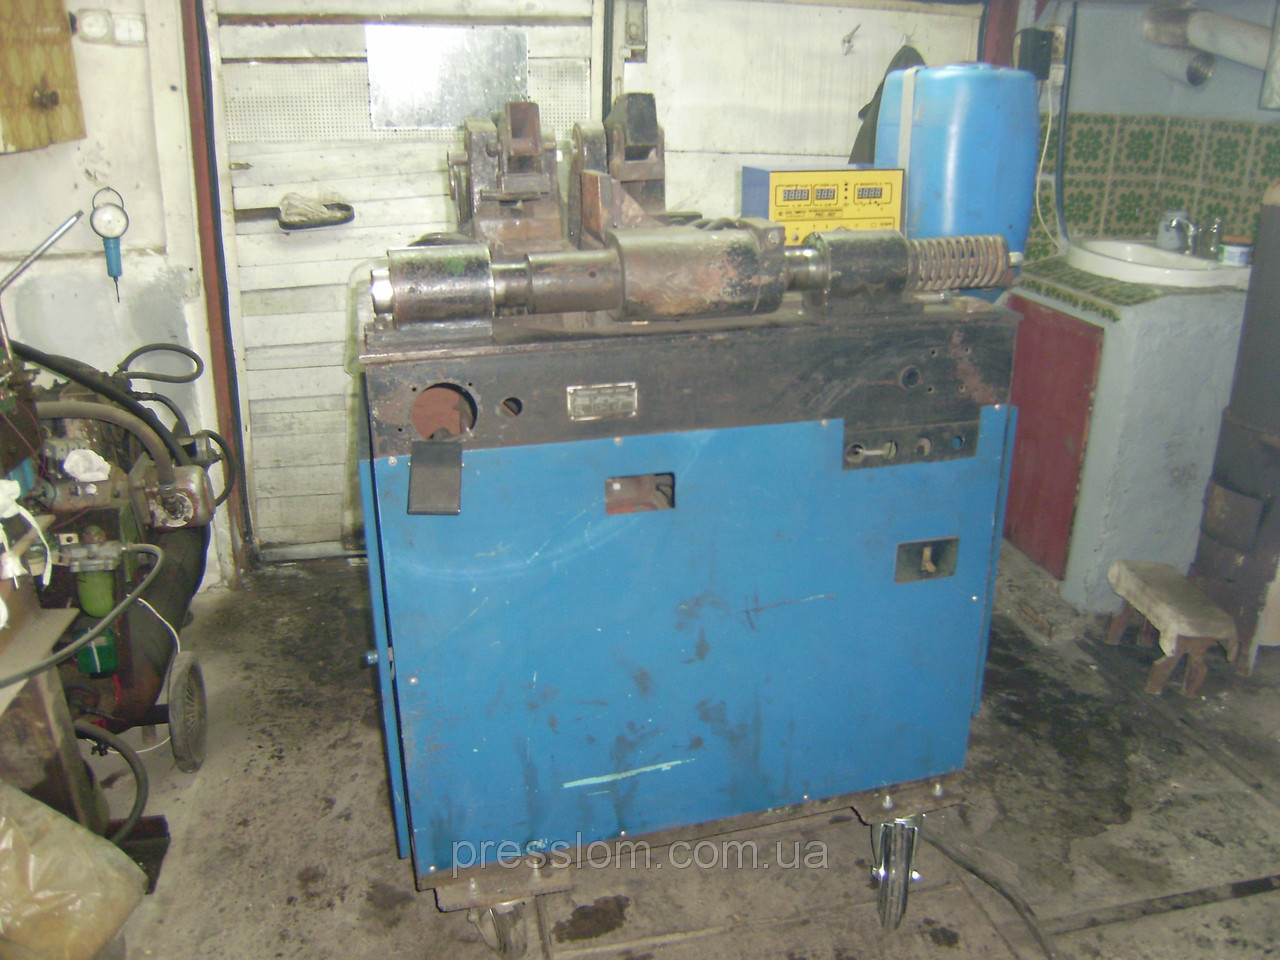 Аппарат контактно-стыковой сварки МСО-201 - Оборудование для промышленности и переработки металлолома в Киеве